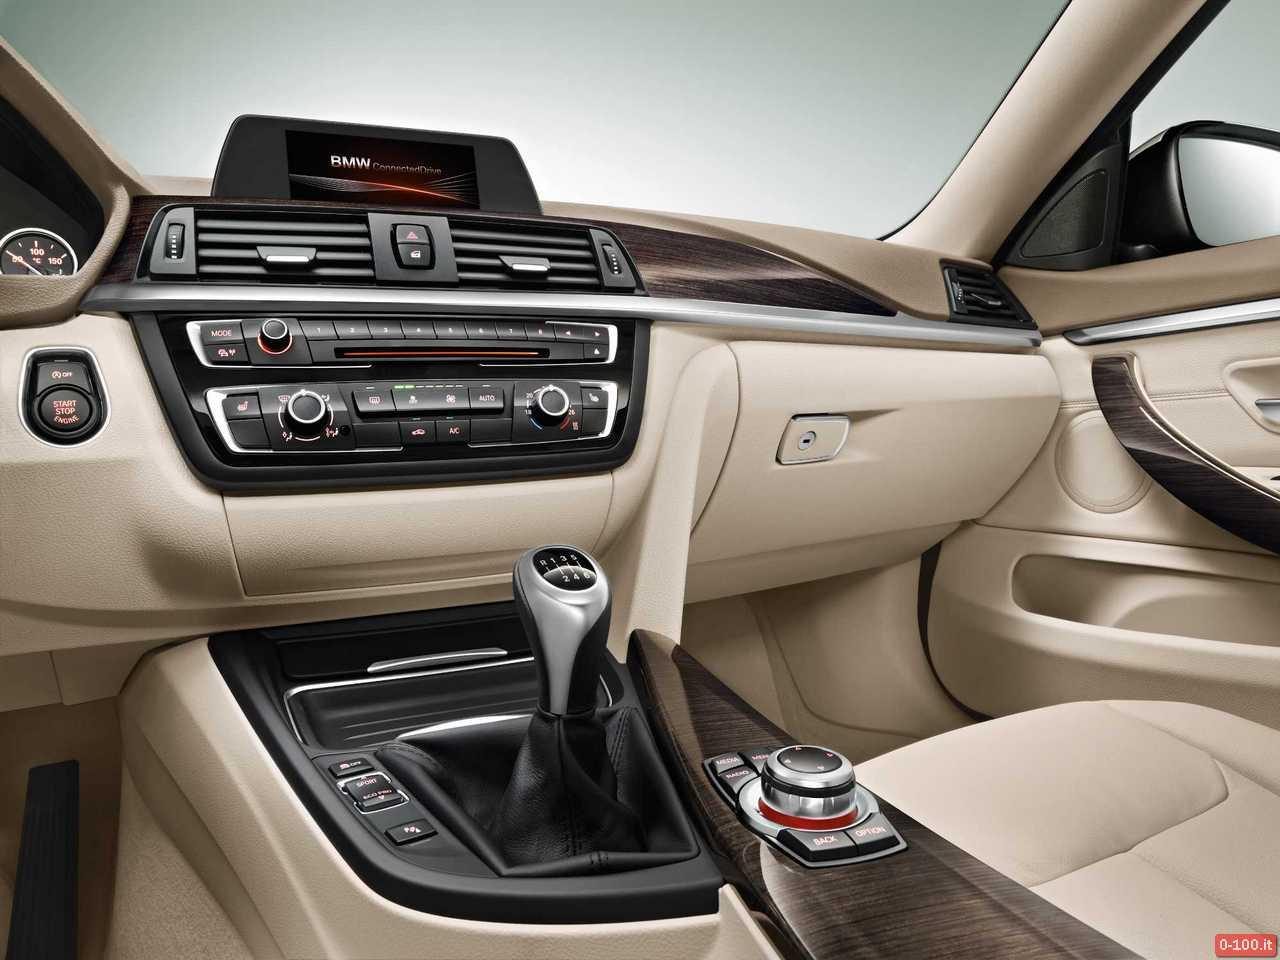 bmw-serie-4-gran-coupe-prezzo-price-ginevra-geneve-2014-0-100_31